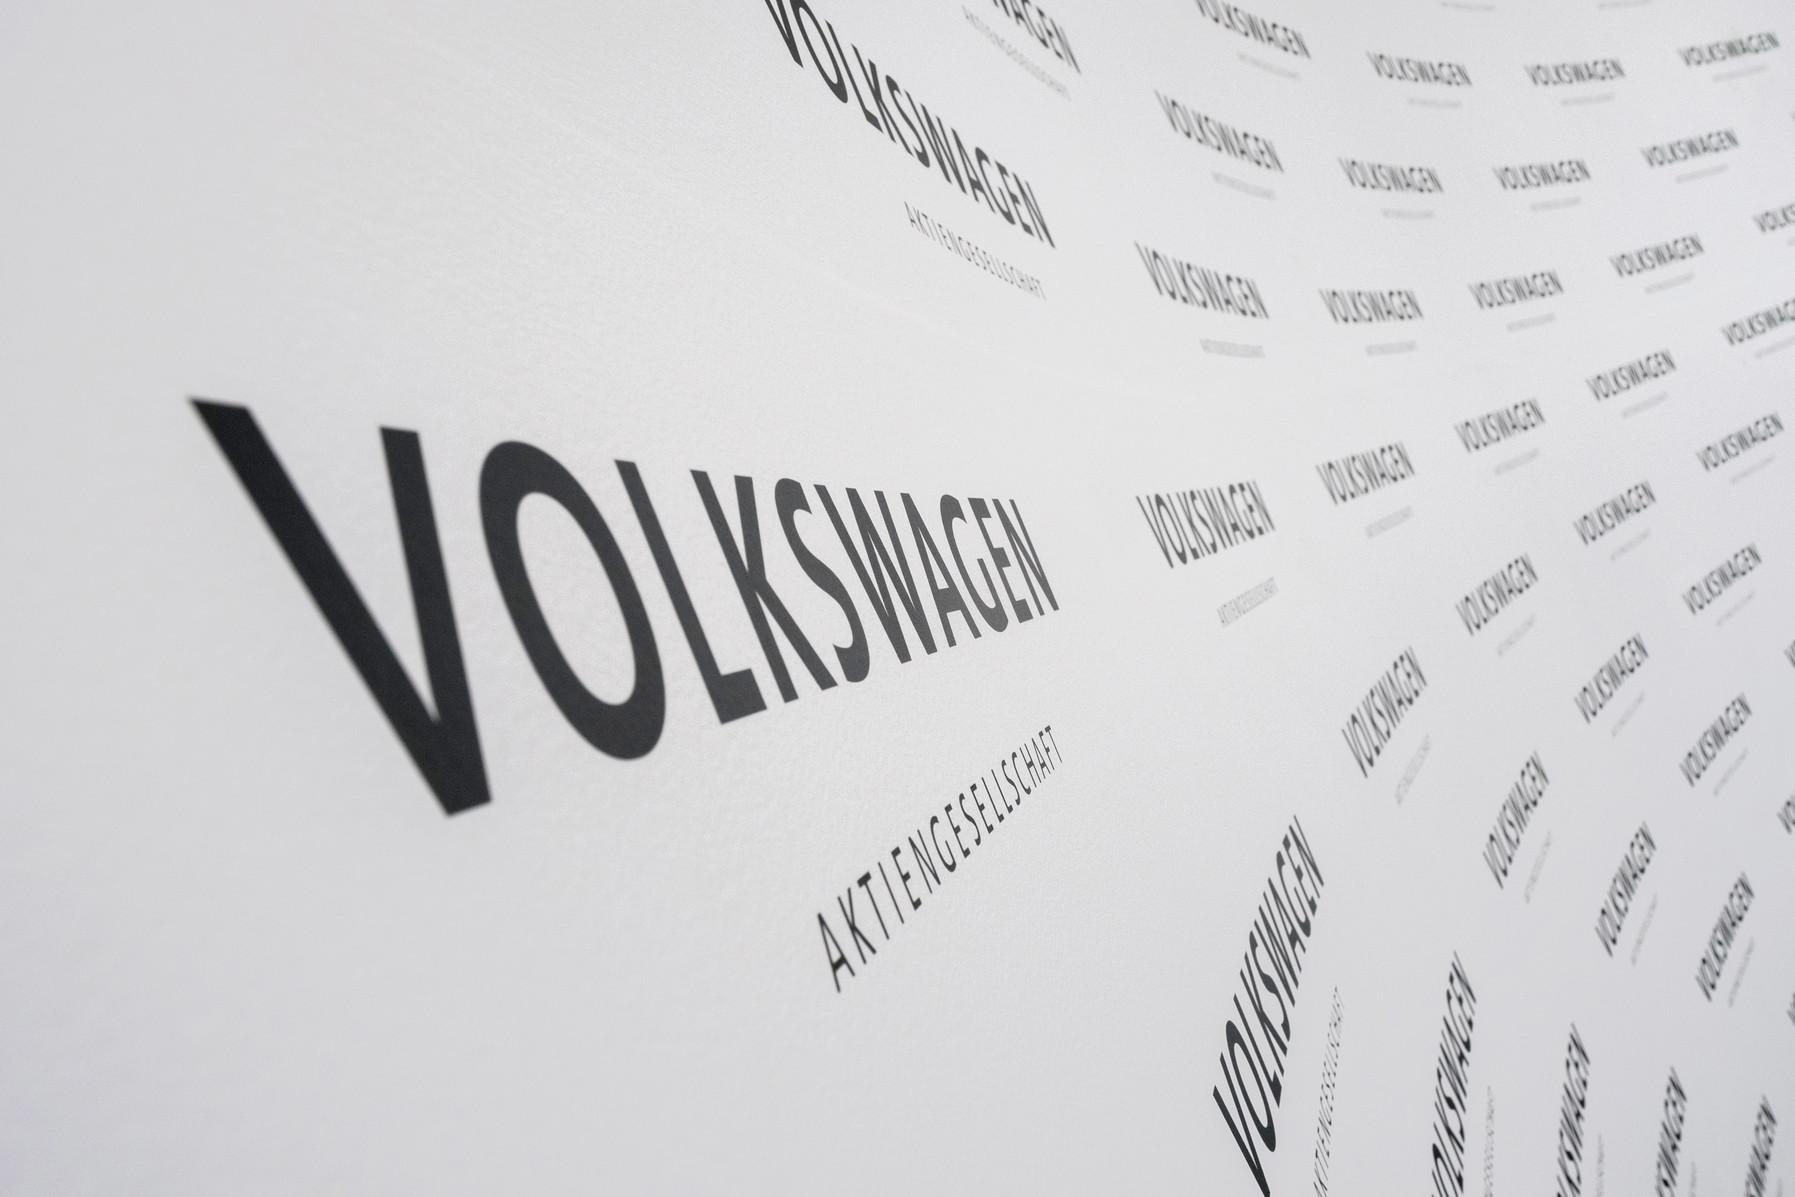 Volkswagen entrega 6.5 millones de autos en 2020